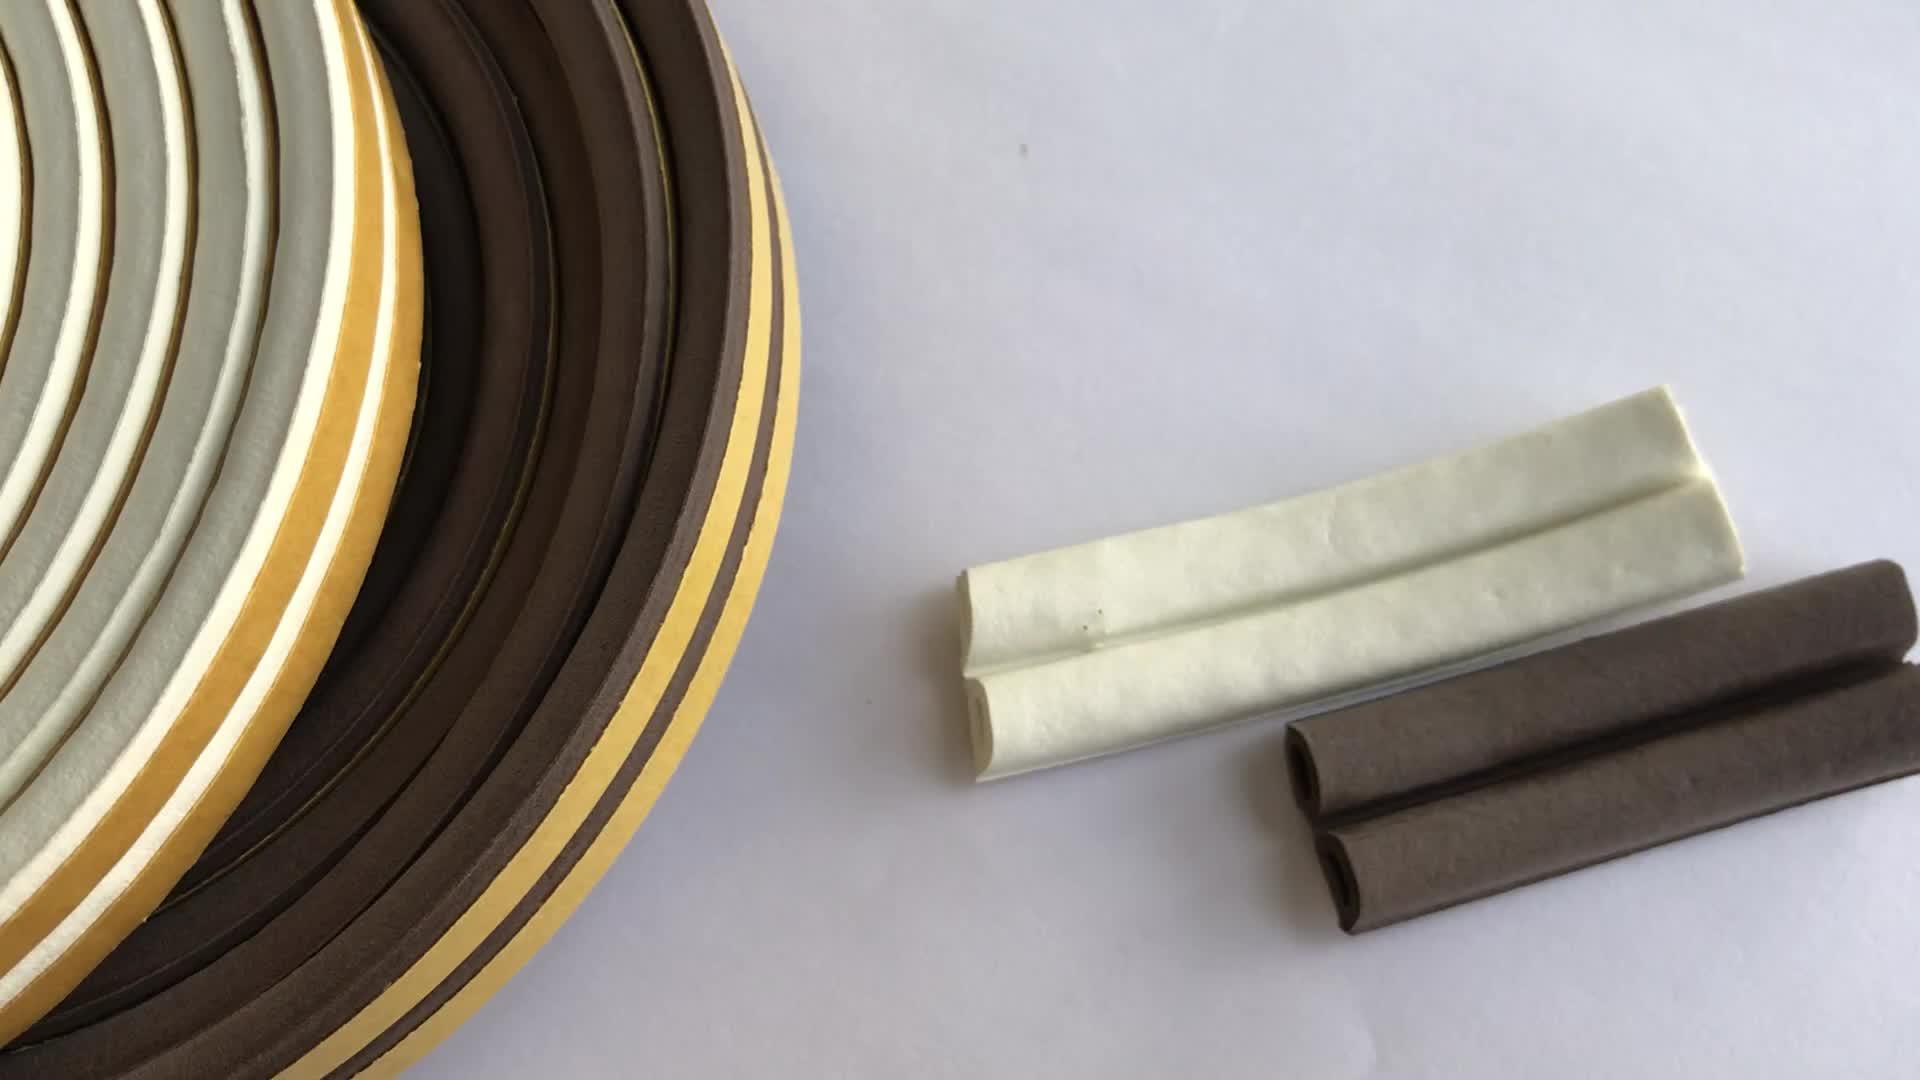 Espuma EPDM tira de puerta y ventana de viento y anticolisión con cinta adhesiva